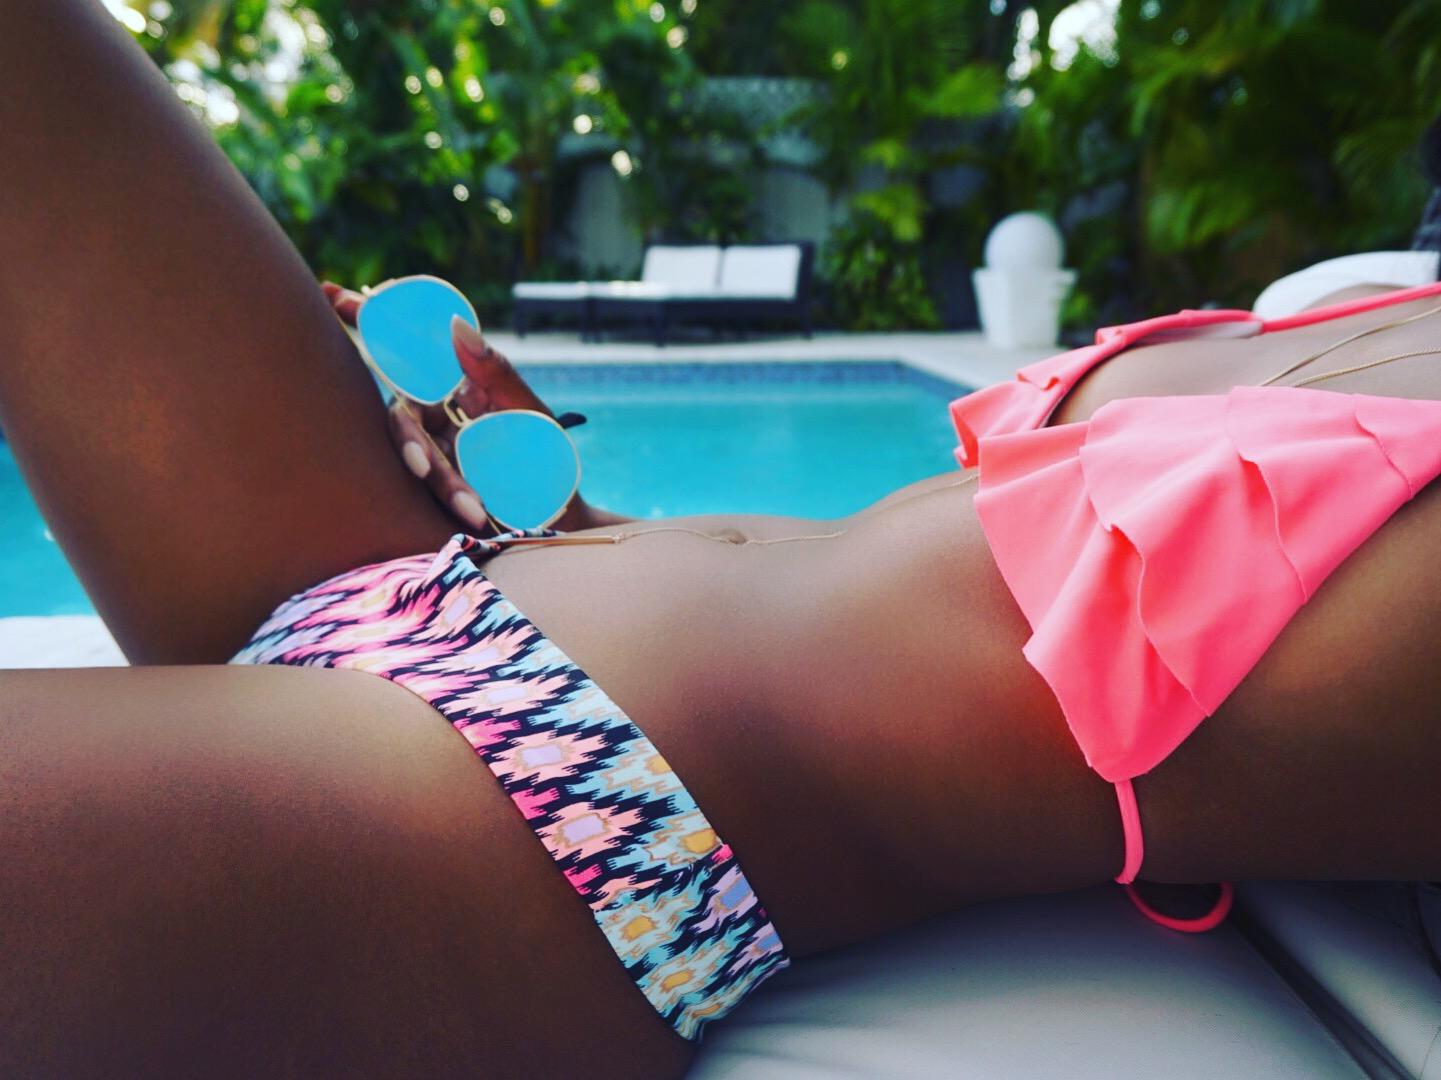 Bikini from Victoria's Secret